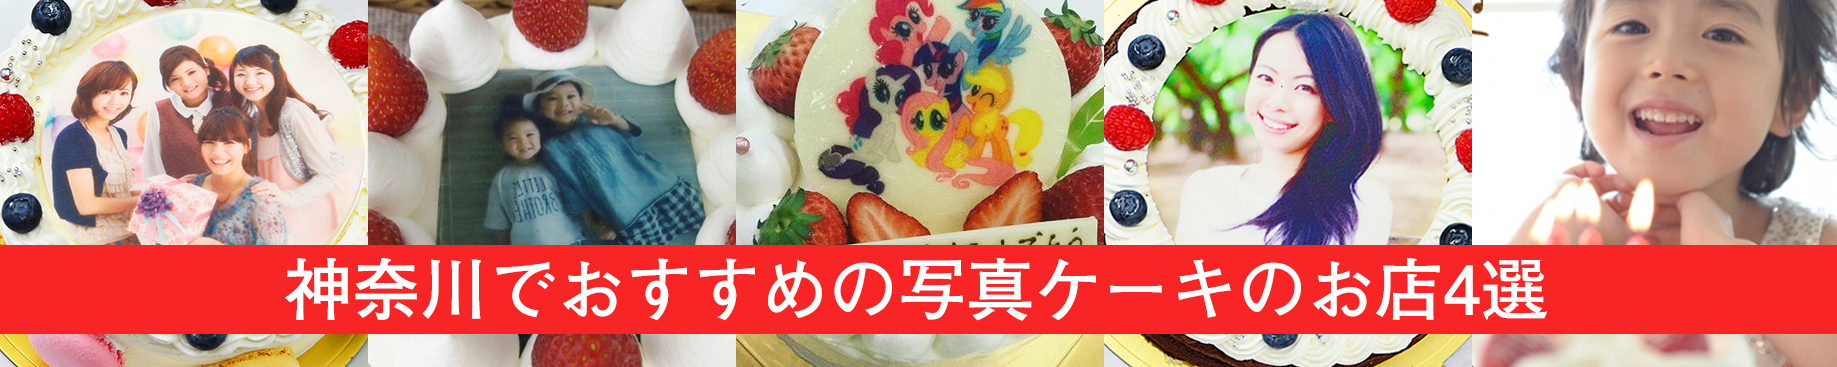 神奈川で写真ケーキがおすすめのお店